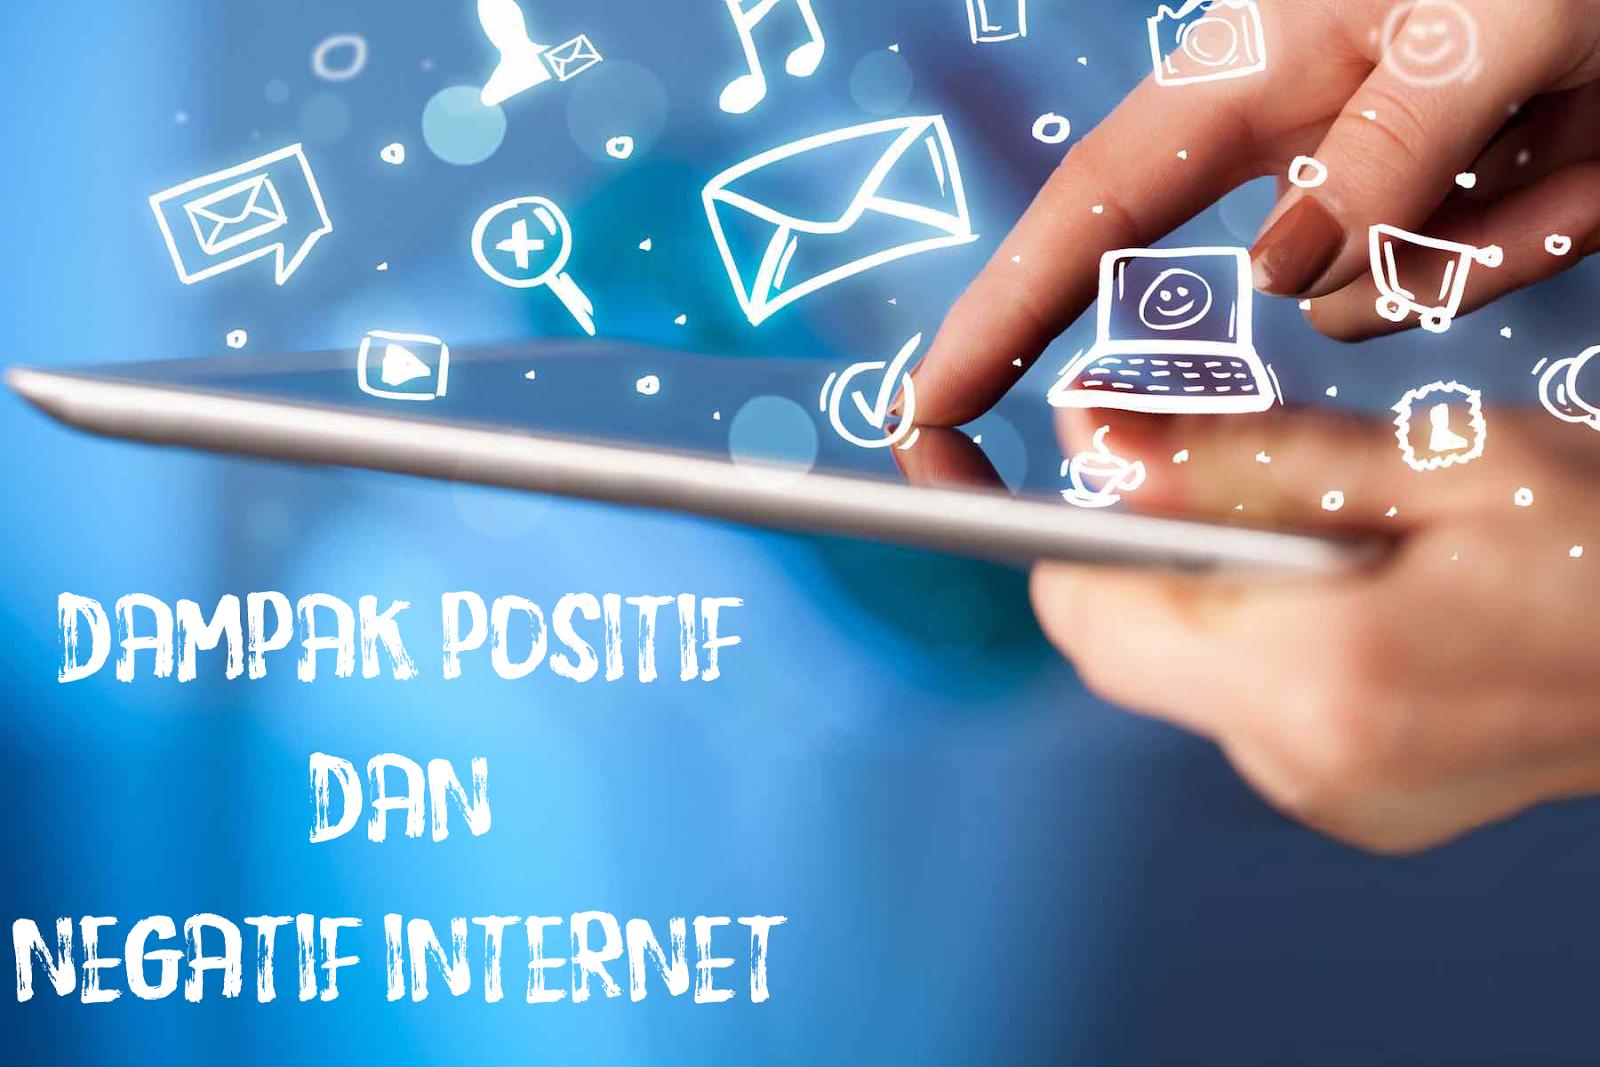 Dampak Internet Dalam Kehidupan